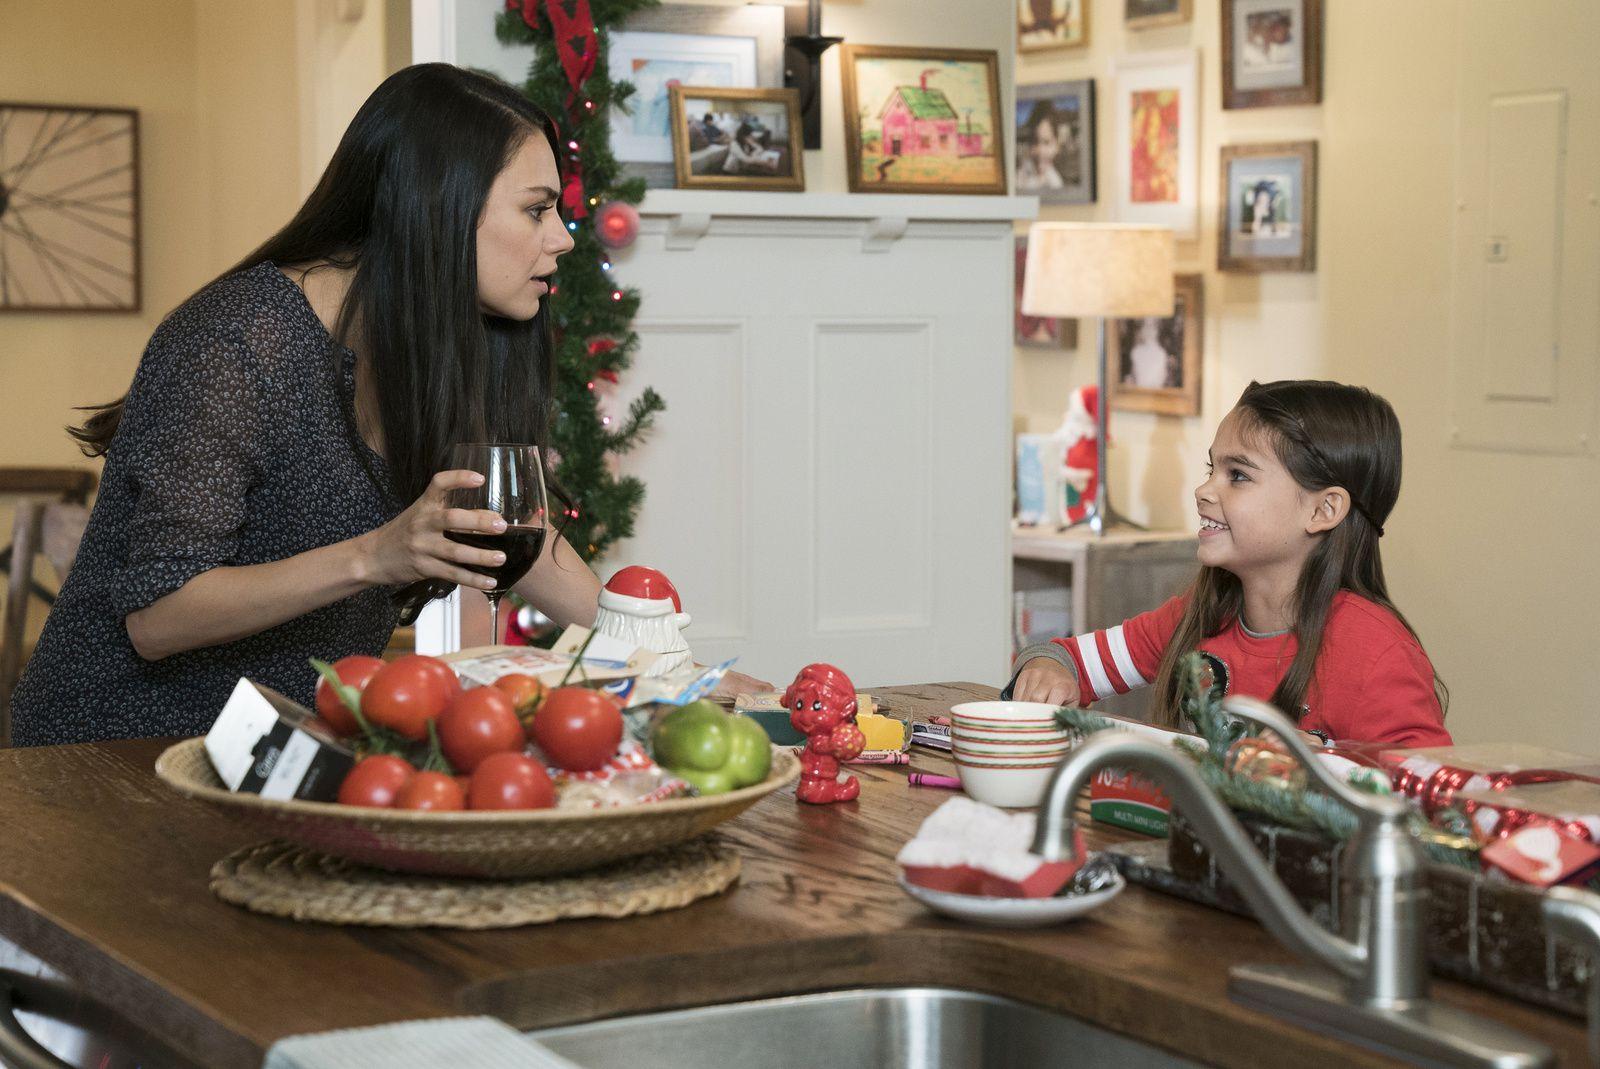 BAD MOMS 2 avec Mila Kunis, Kristen Bell : DÉCOUVREZ LA BANDE-ANNONCE ! Le 29 novembre au cinéma